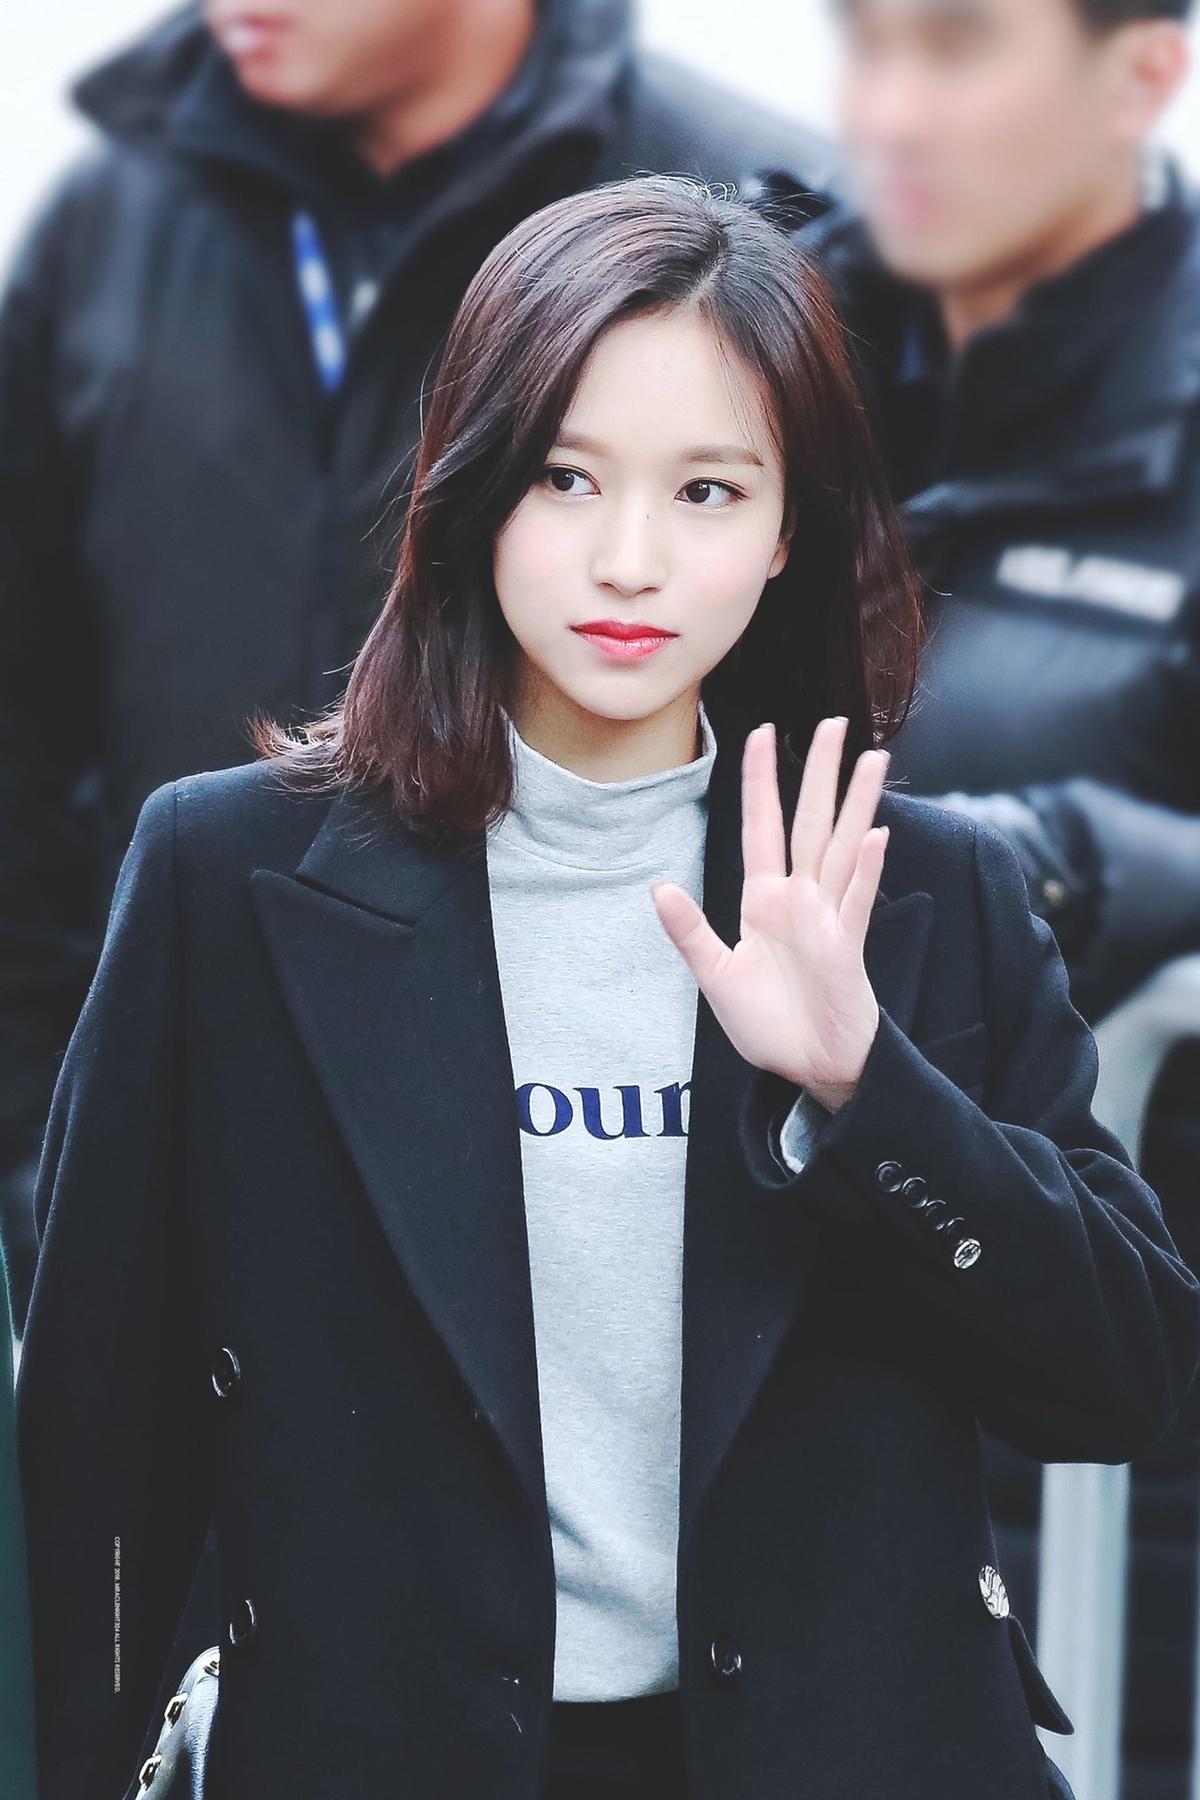 Những bức ảnh chất lượng cao huyền thoại của Mina (Twice) - 16